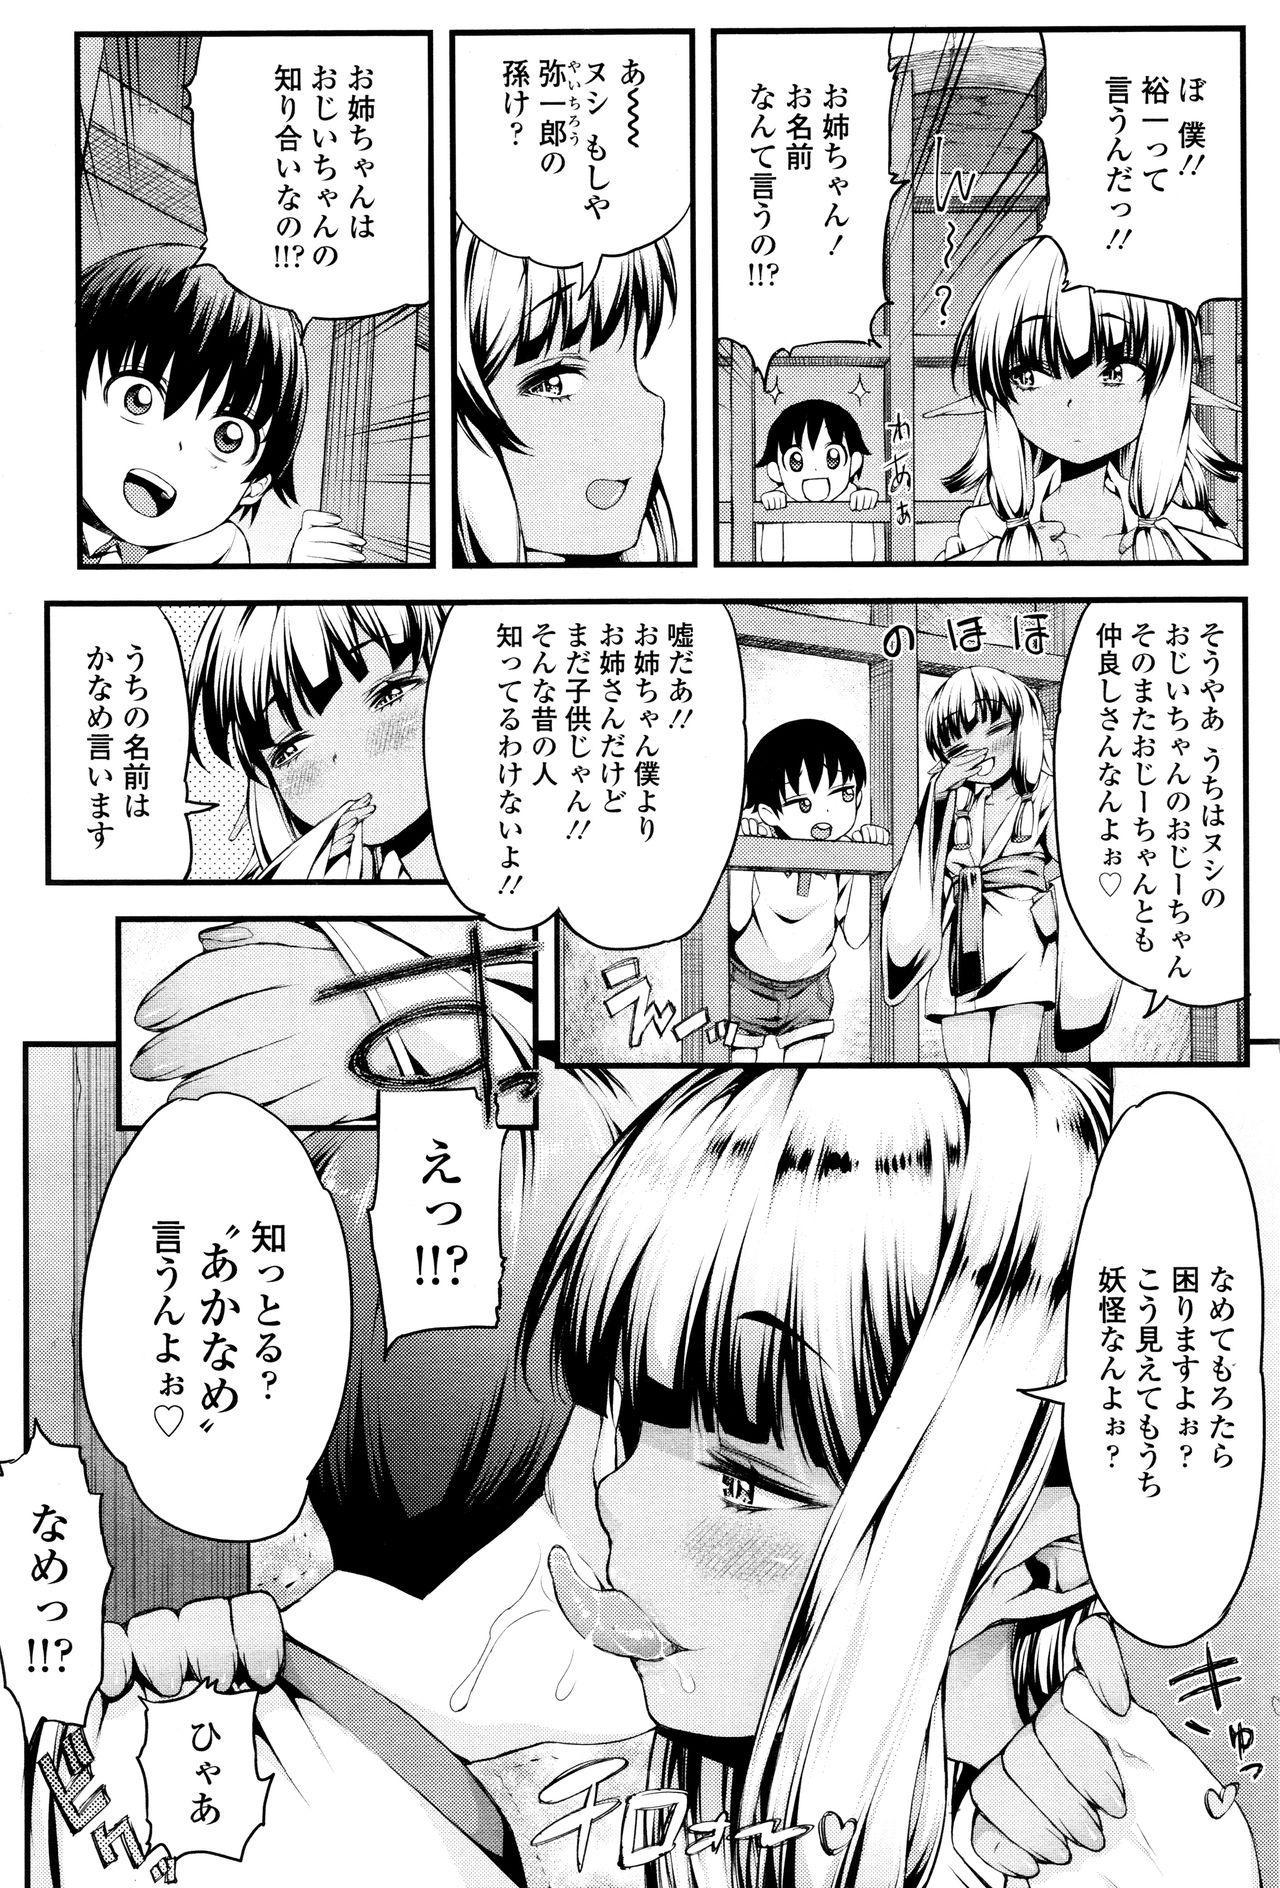 Towako Ichi 329